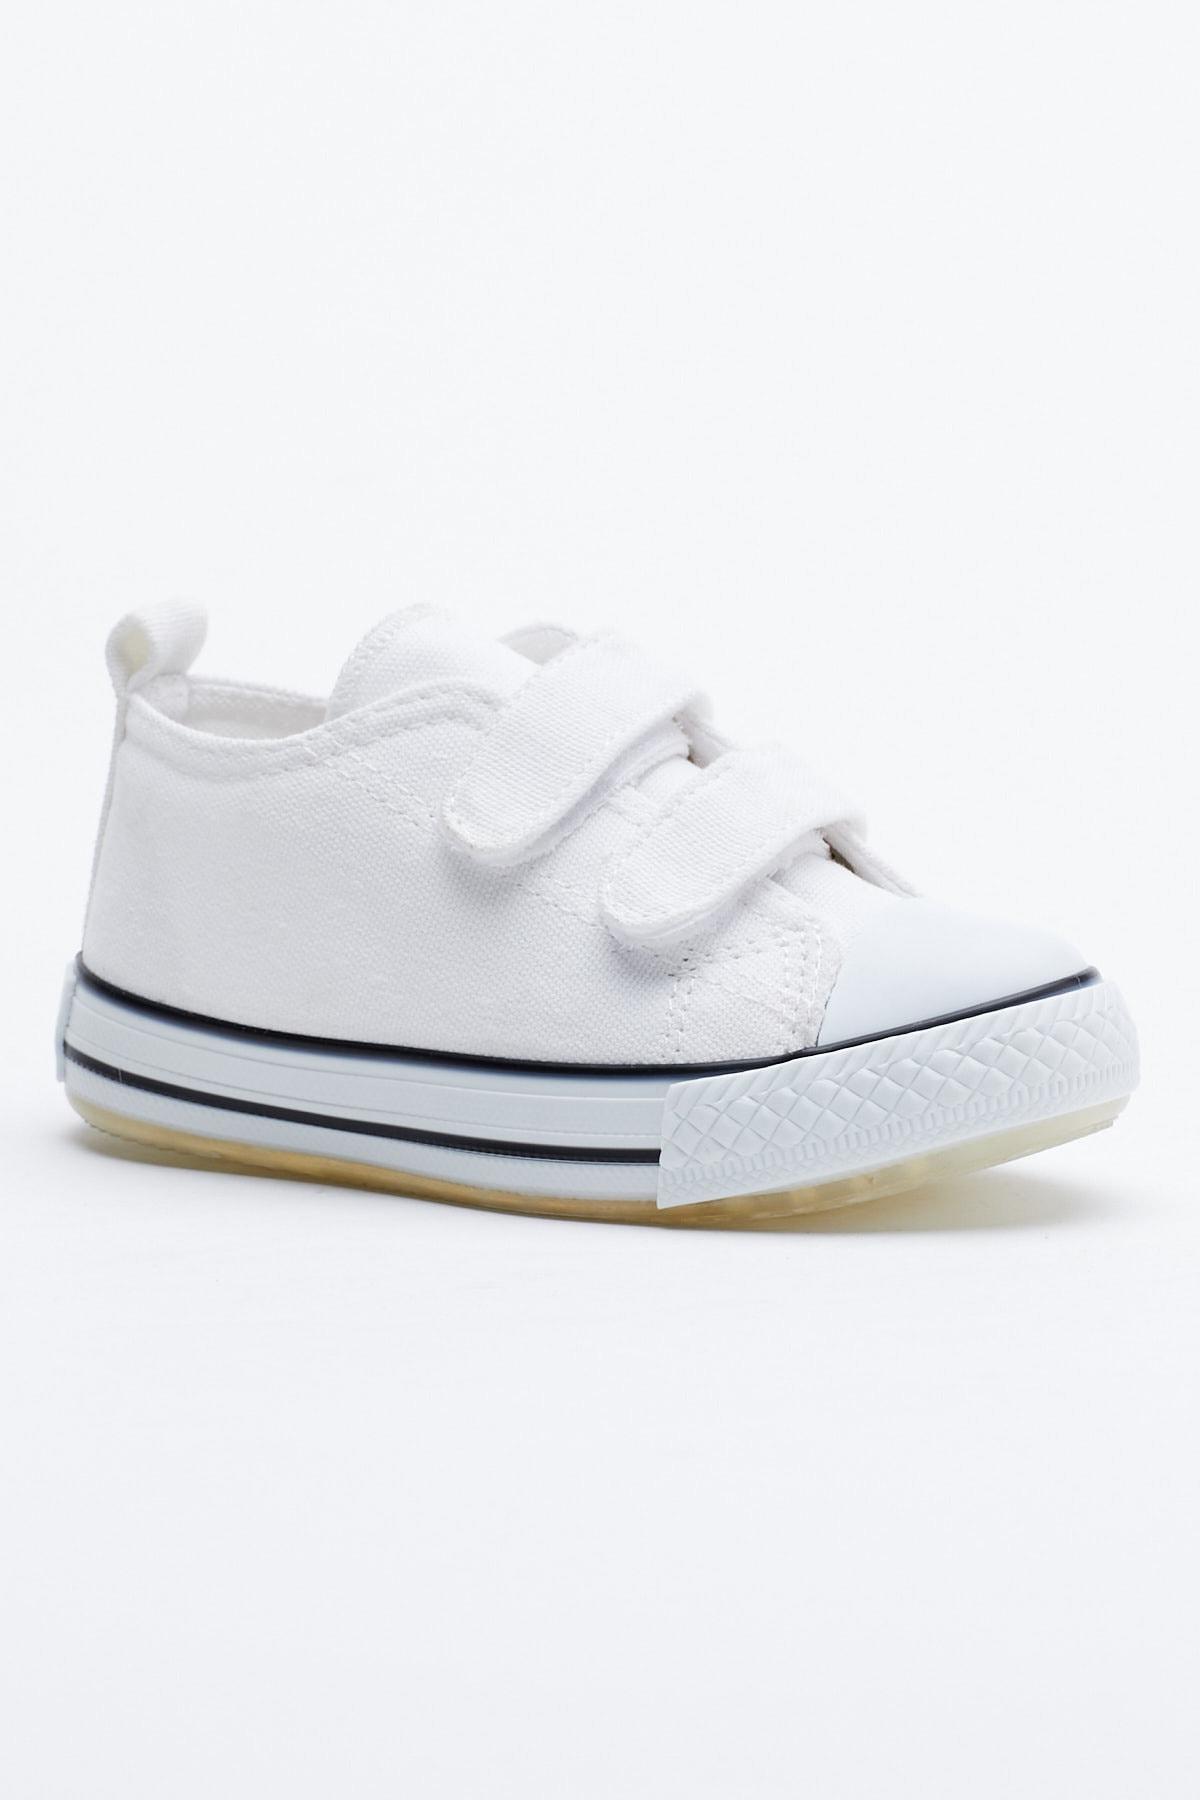 Tonny Black Beyaz Çocuk Spor Ayakkabı Cırtlı Tb997 1